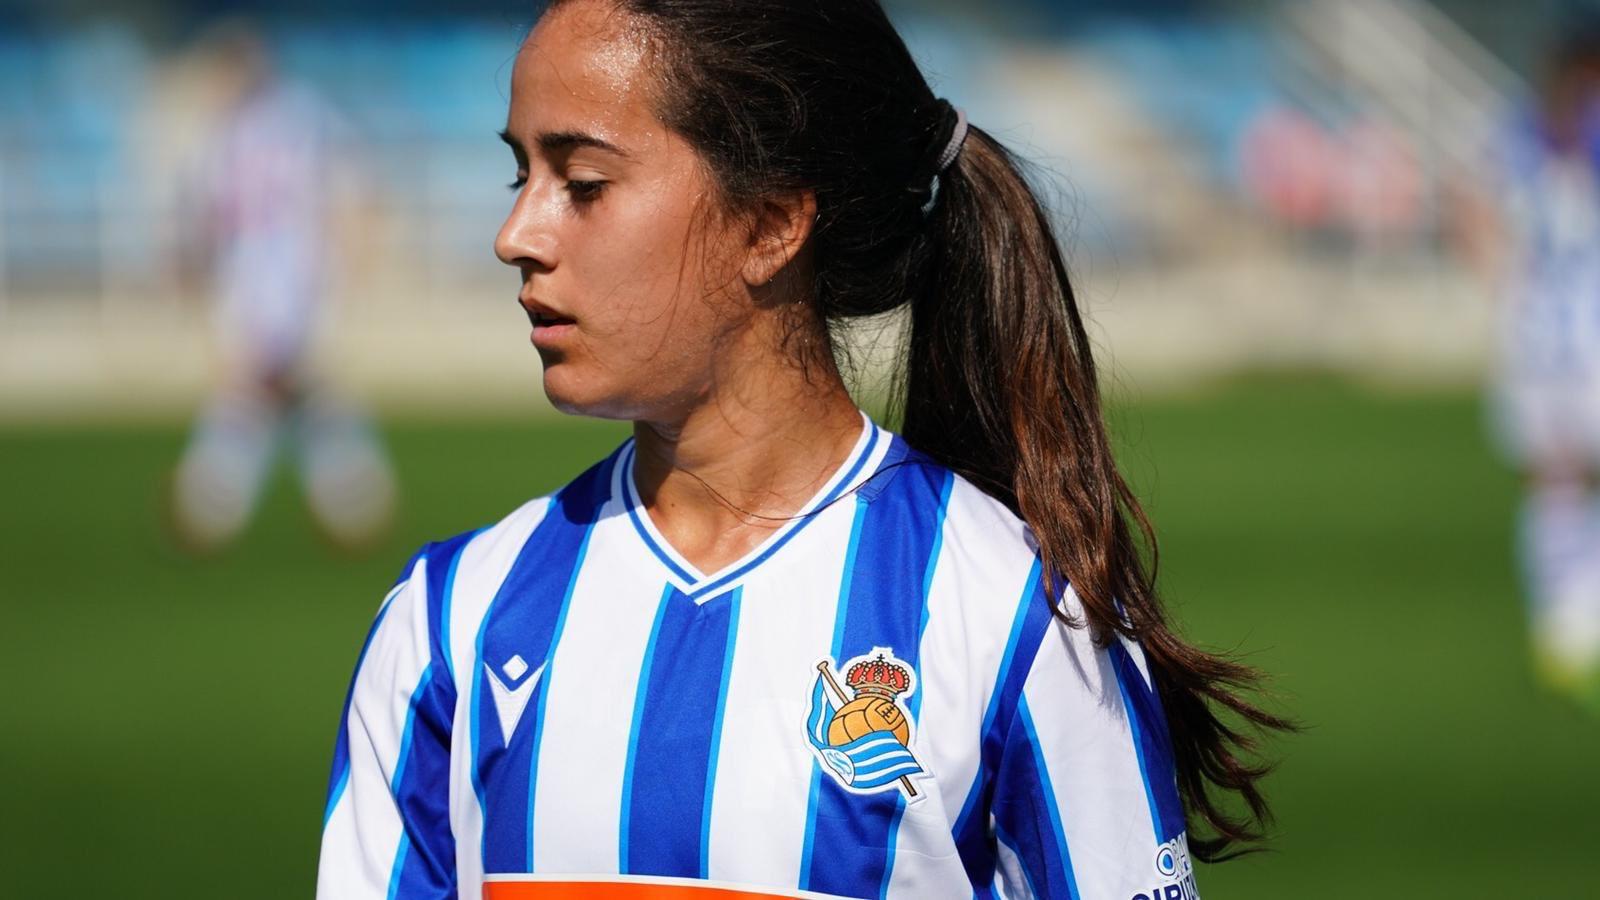 Nuria Rábano , xogadora da Real Sociedad - NRNuria Rábano , xogadora da Real Sociedad - NR